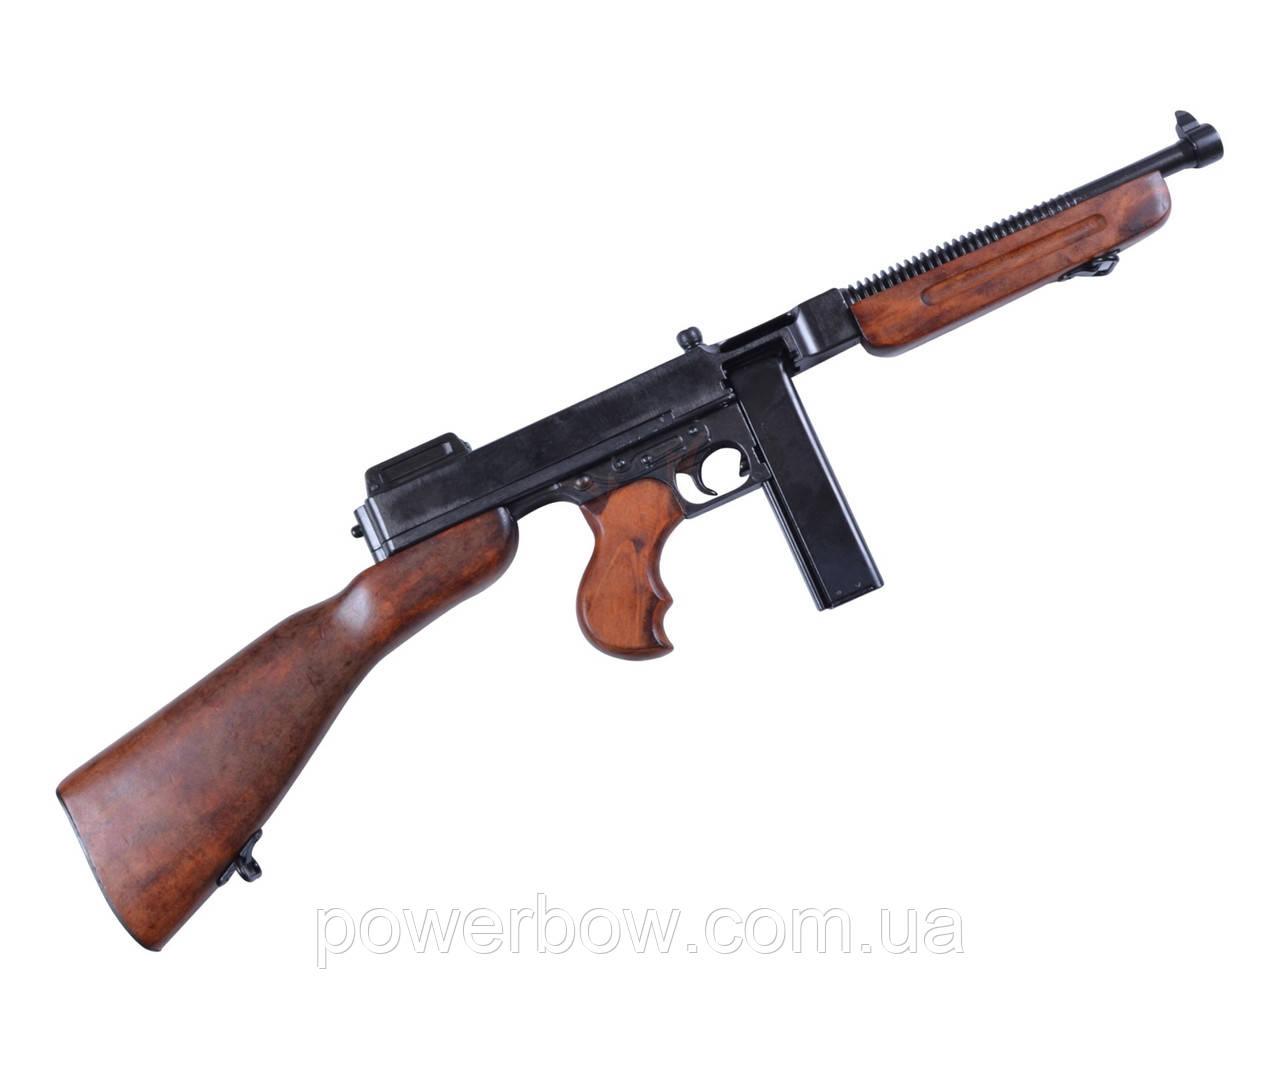 ПІСТОЛЕТ-КУЛЕМЕТ ТОМПСОНА M1928A1, США, 1918 Р.